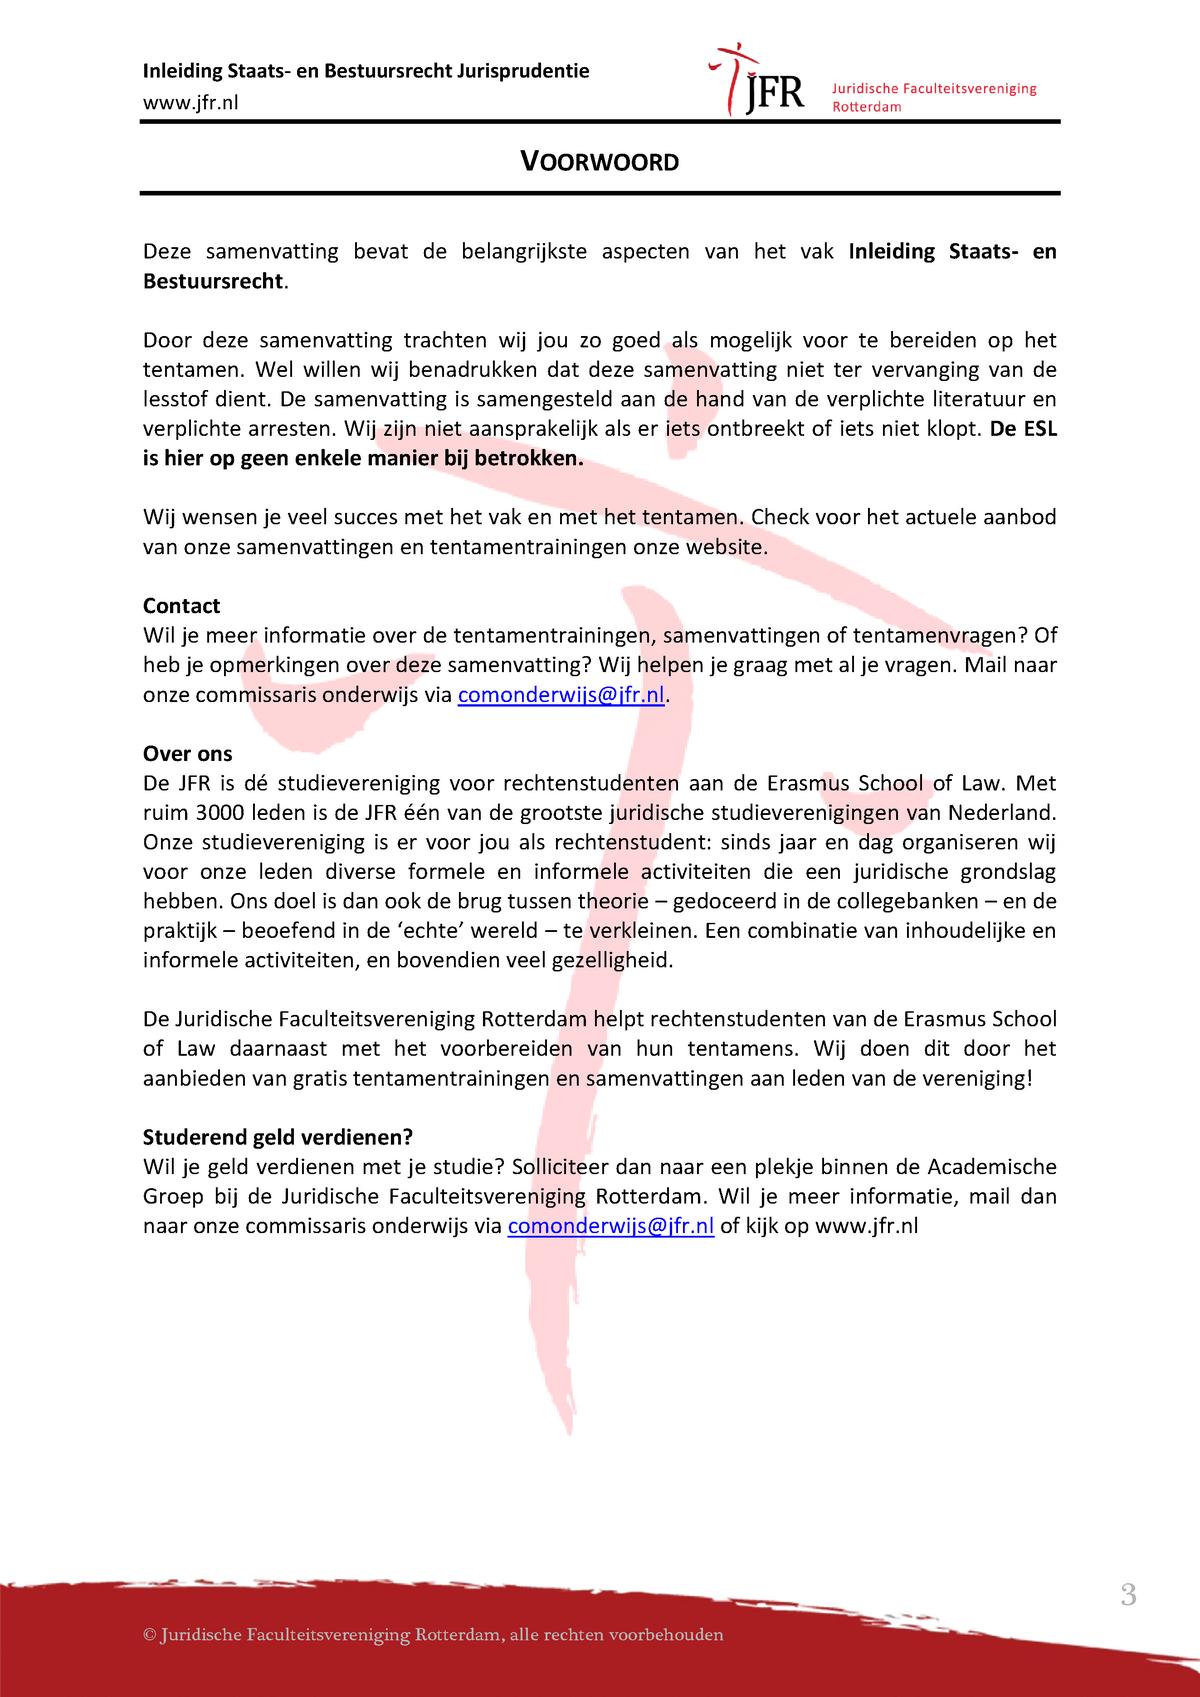 dd5b69cdd486f0 Arresten Inleiding staats- en bestuursrecht - Samenvatting alle arresten  jurisprudentiebundel - RR103  Inleiding staats- en bestuursrecht -  StudeerSnel.nl